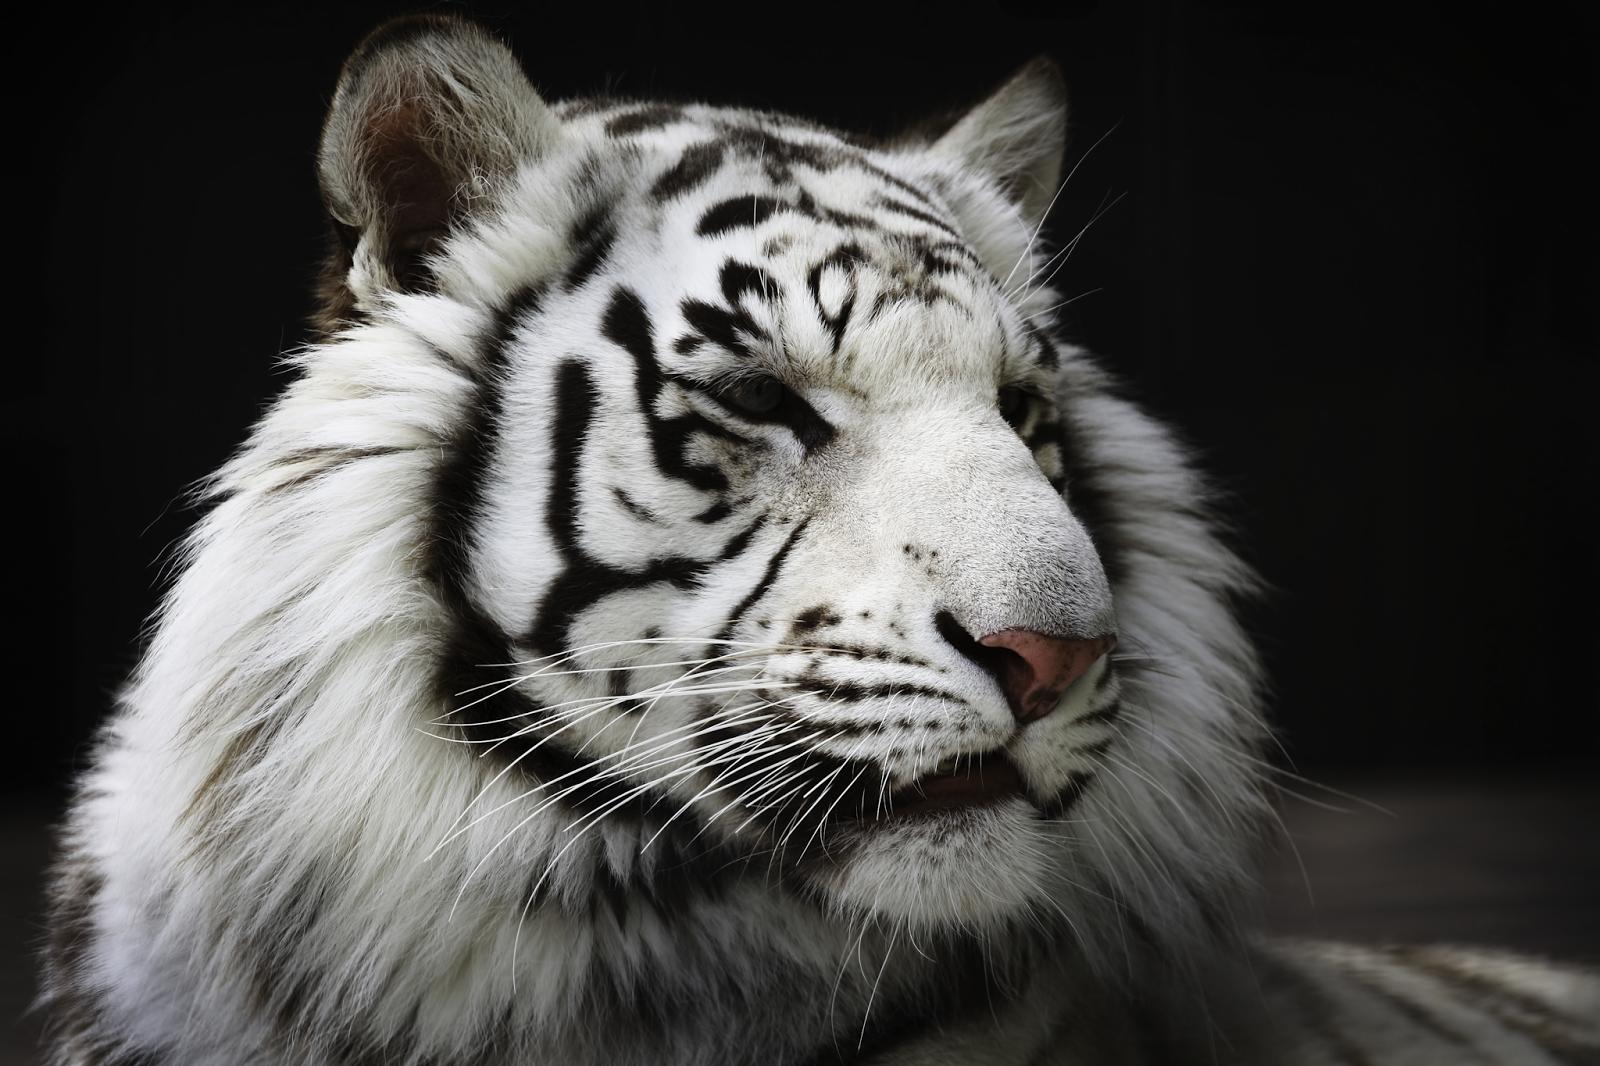 WhiteTiger0080.png 3840x2560x24(RGB) #white #tiger  #animal #endangered #predator #majestic